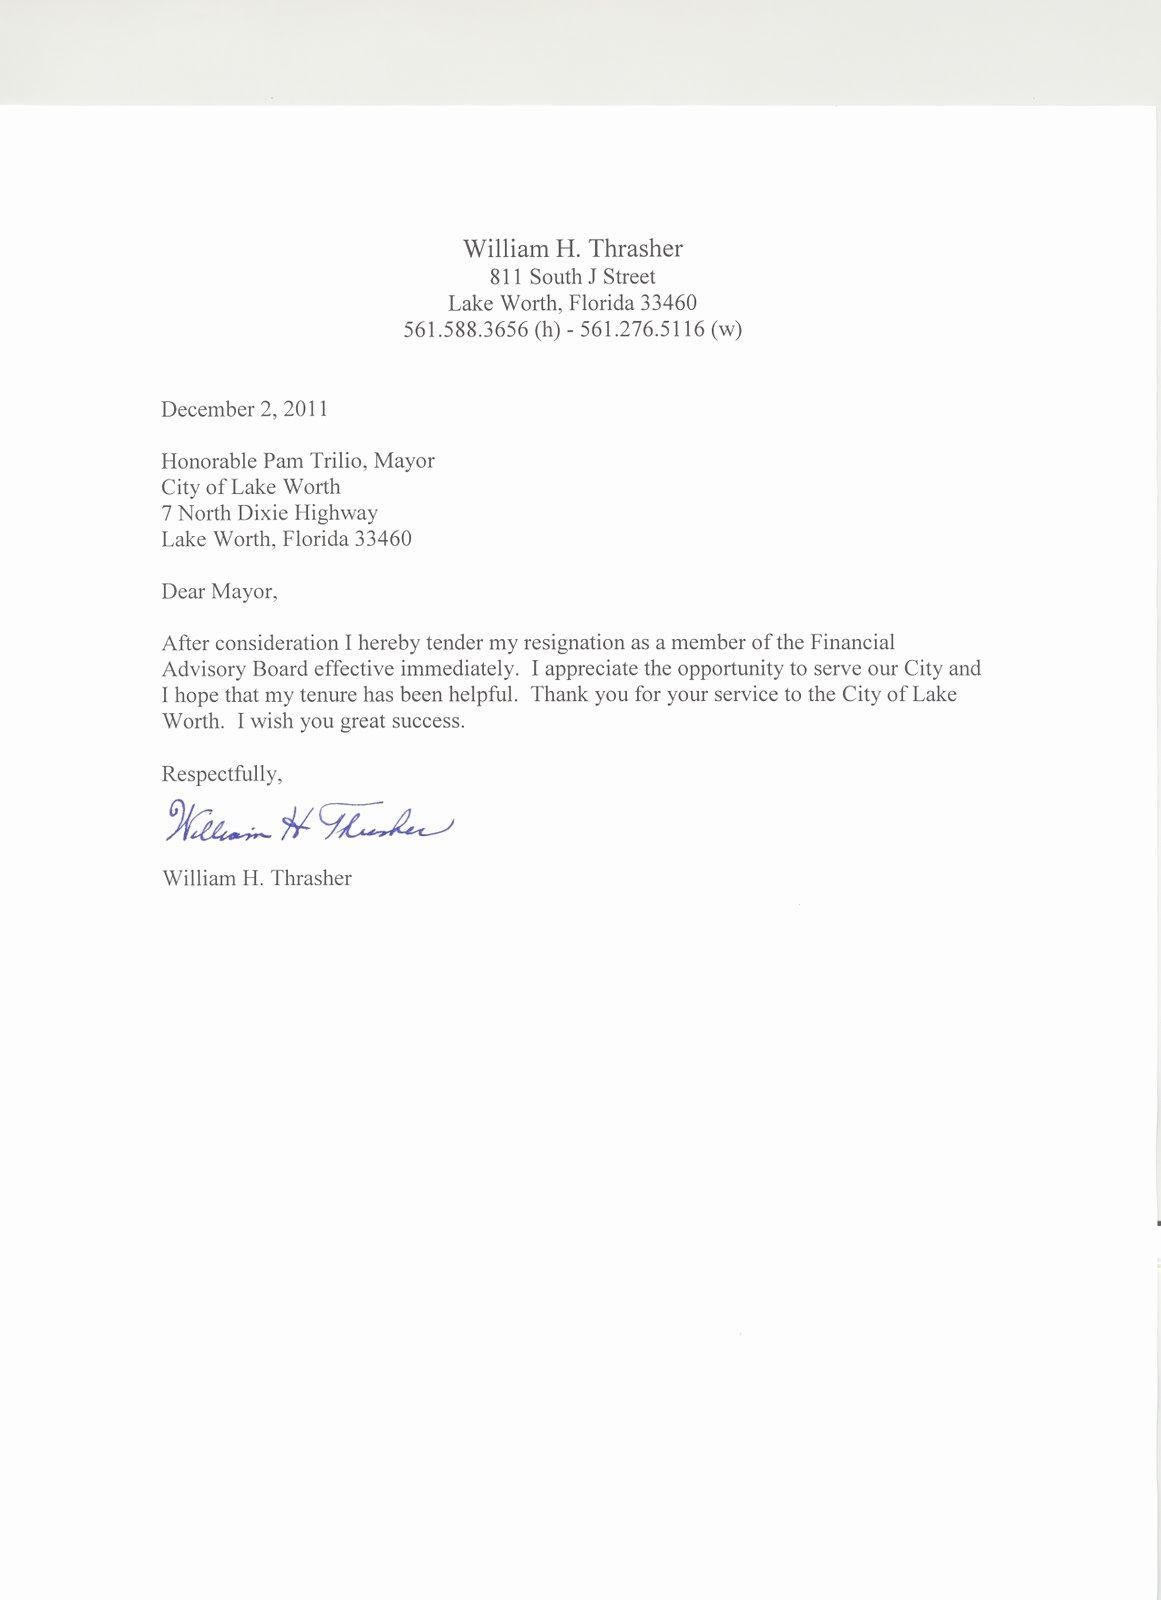 Resignation Letter Effective Immediately Beautiful Lynn S Little Bit Of Trivia Bill Thrasher Resignation Letter